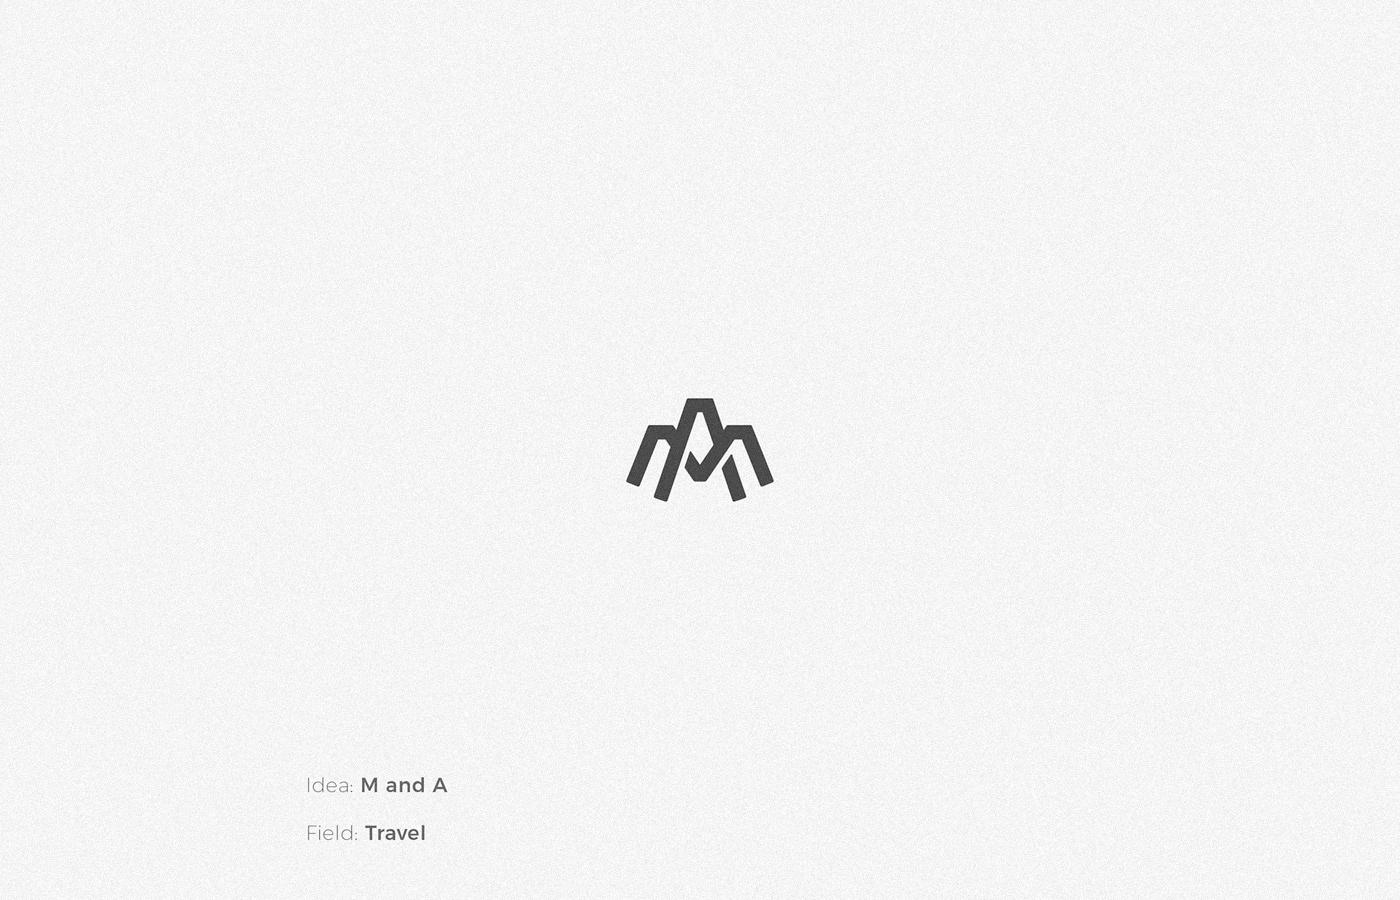 M & A monogram logo design by Anh Do - Anhdodes